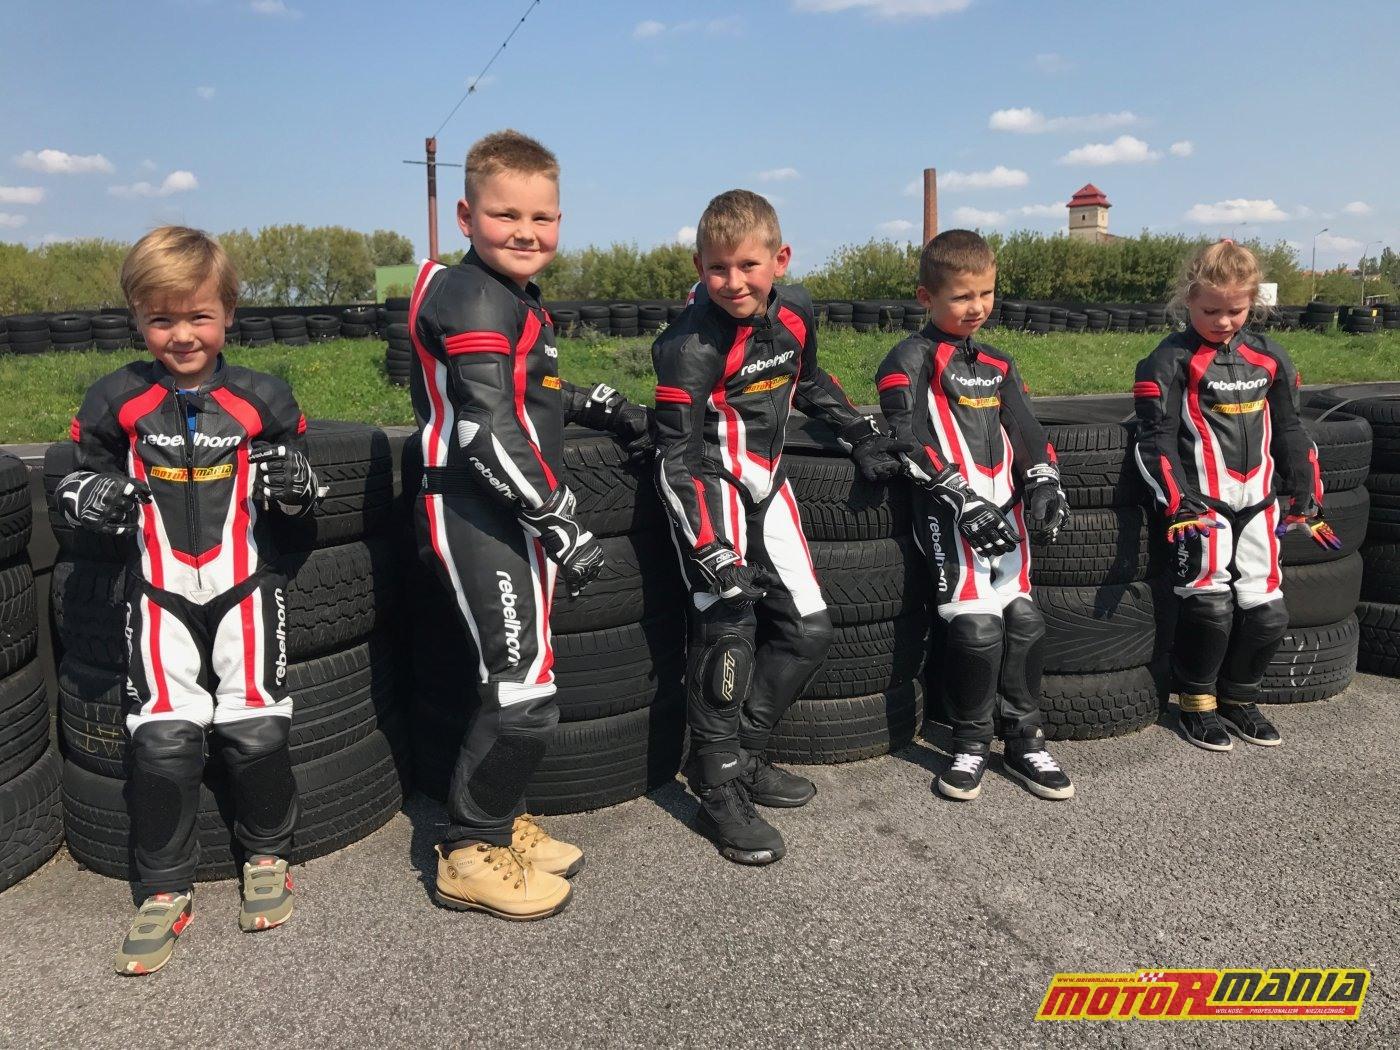 MotoRmania KidzGP - dzieci na motocyklach (6)